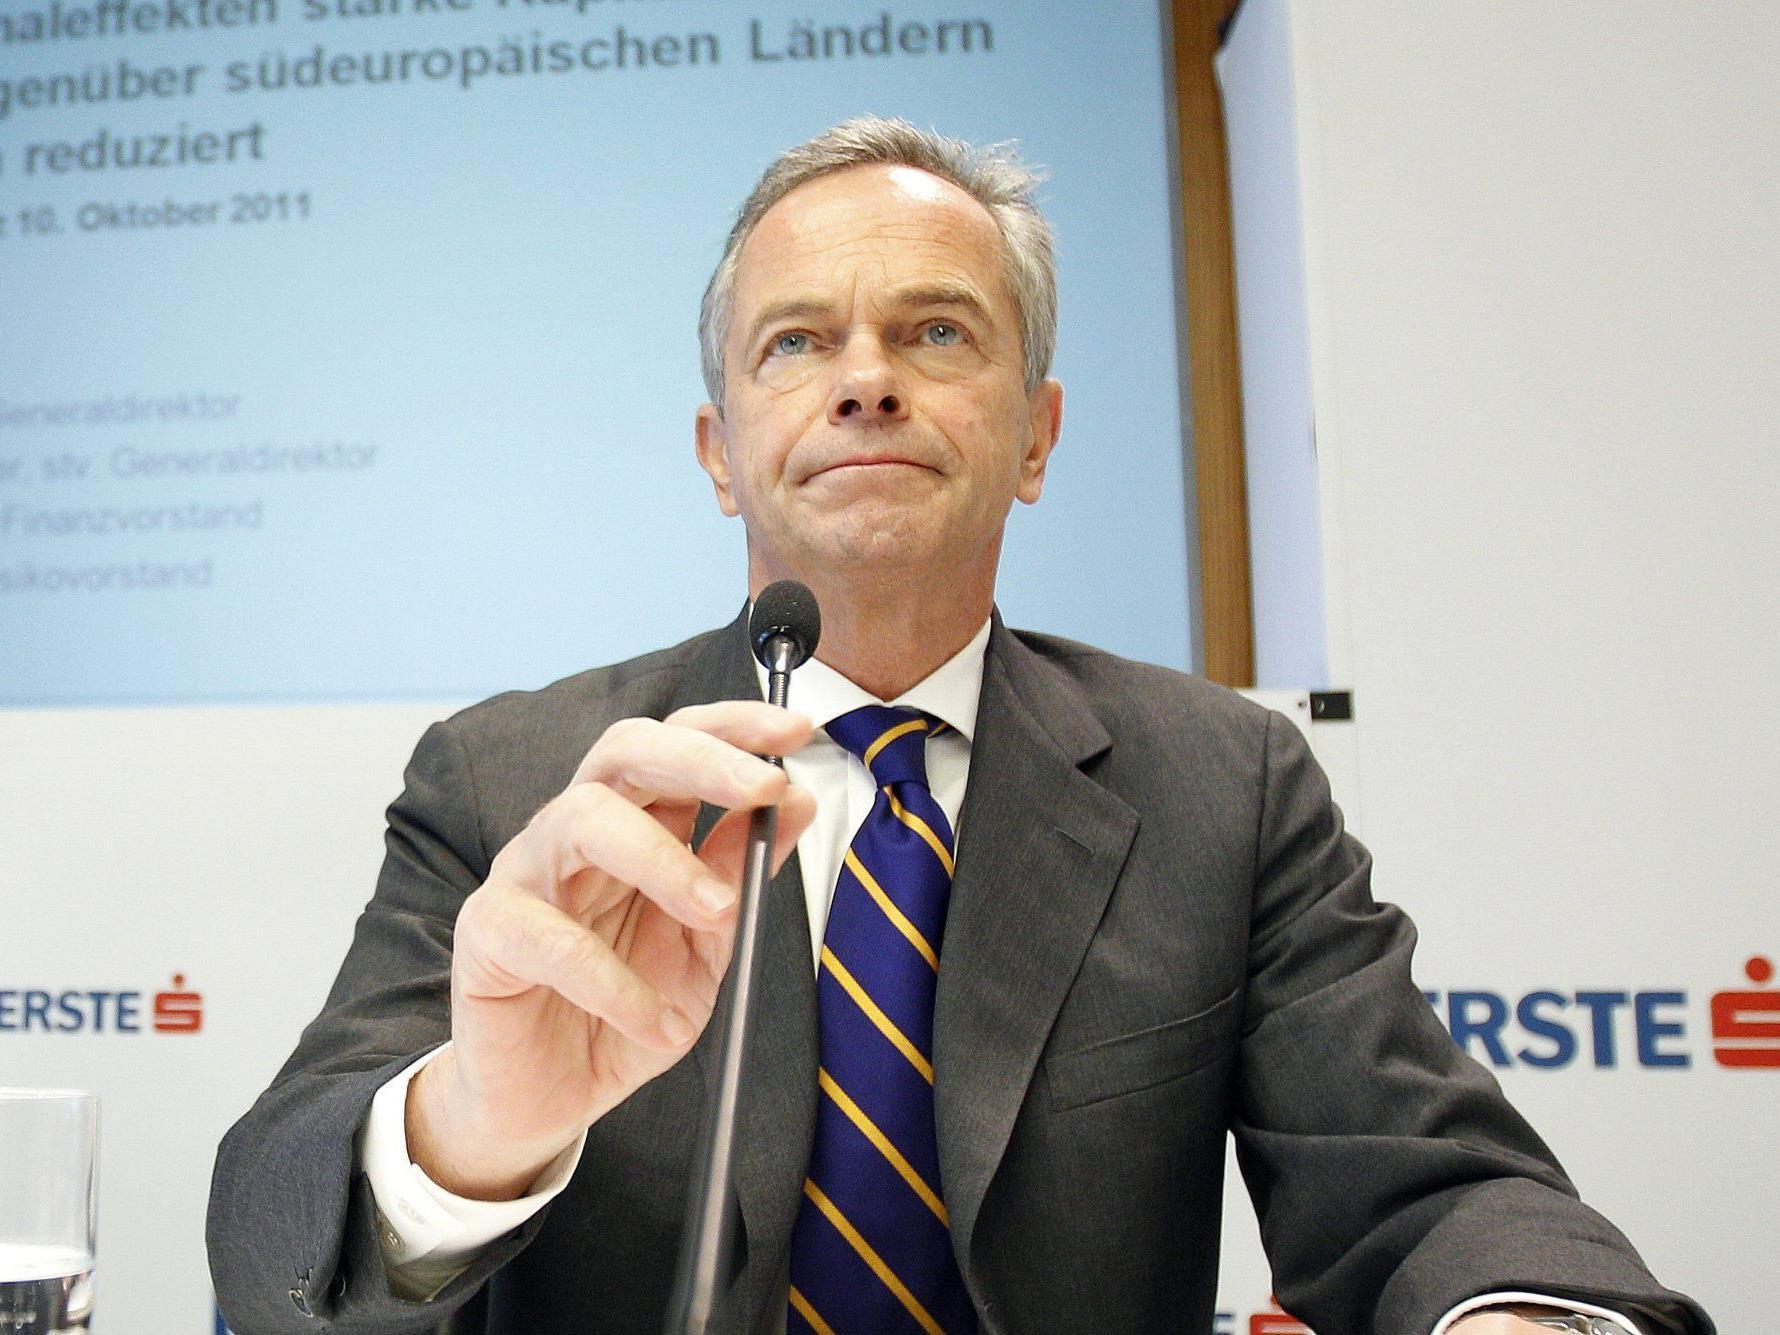 Die Erste Group verliert im Jahr 2011 fast 720 Millionen Euro.